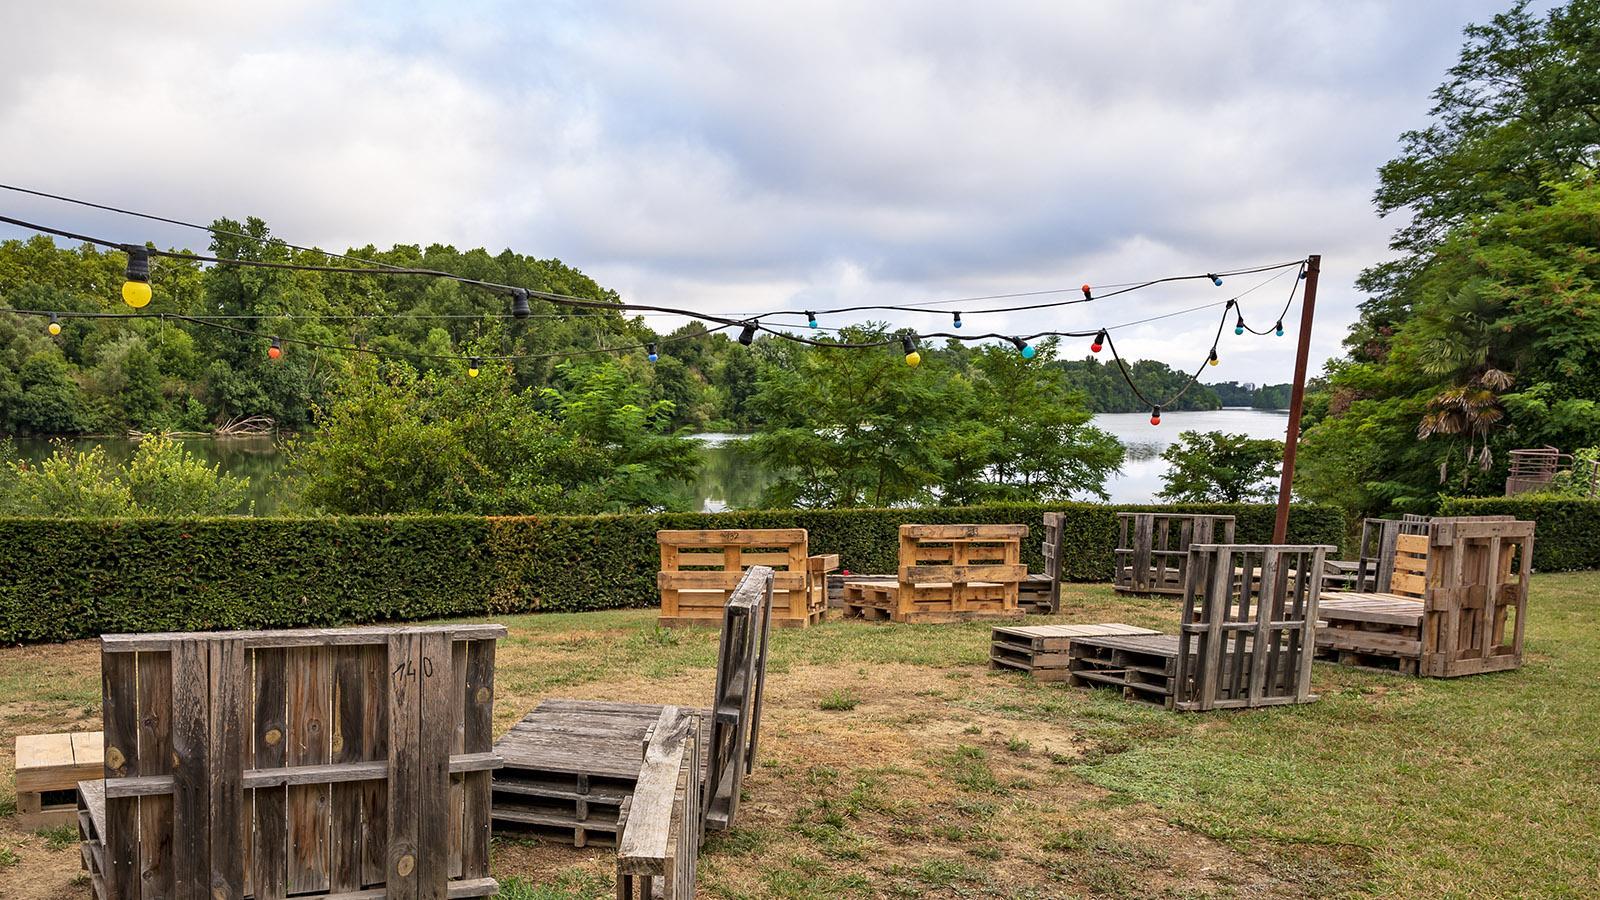 Der Ufergarten von Le Clapotis - im Sommer kommen gemütliche Kissen auf die Paletten. Foto: Hilke Maunder